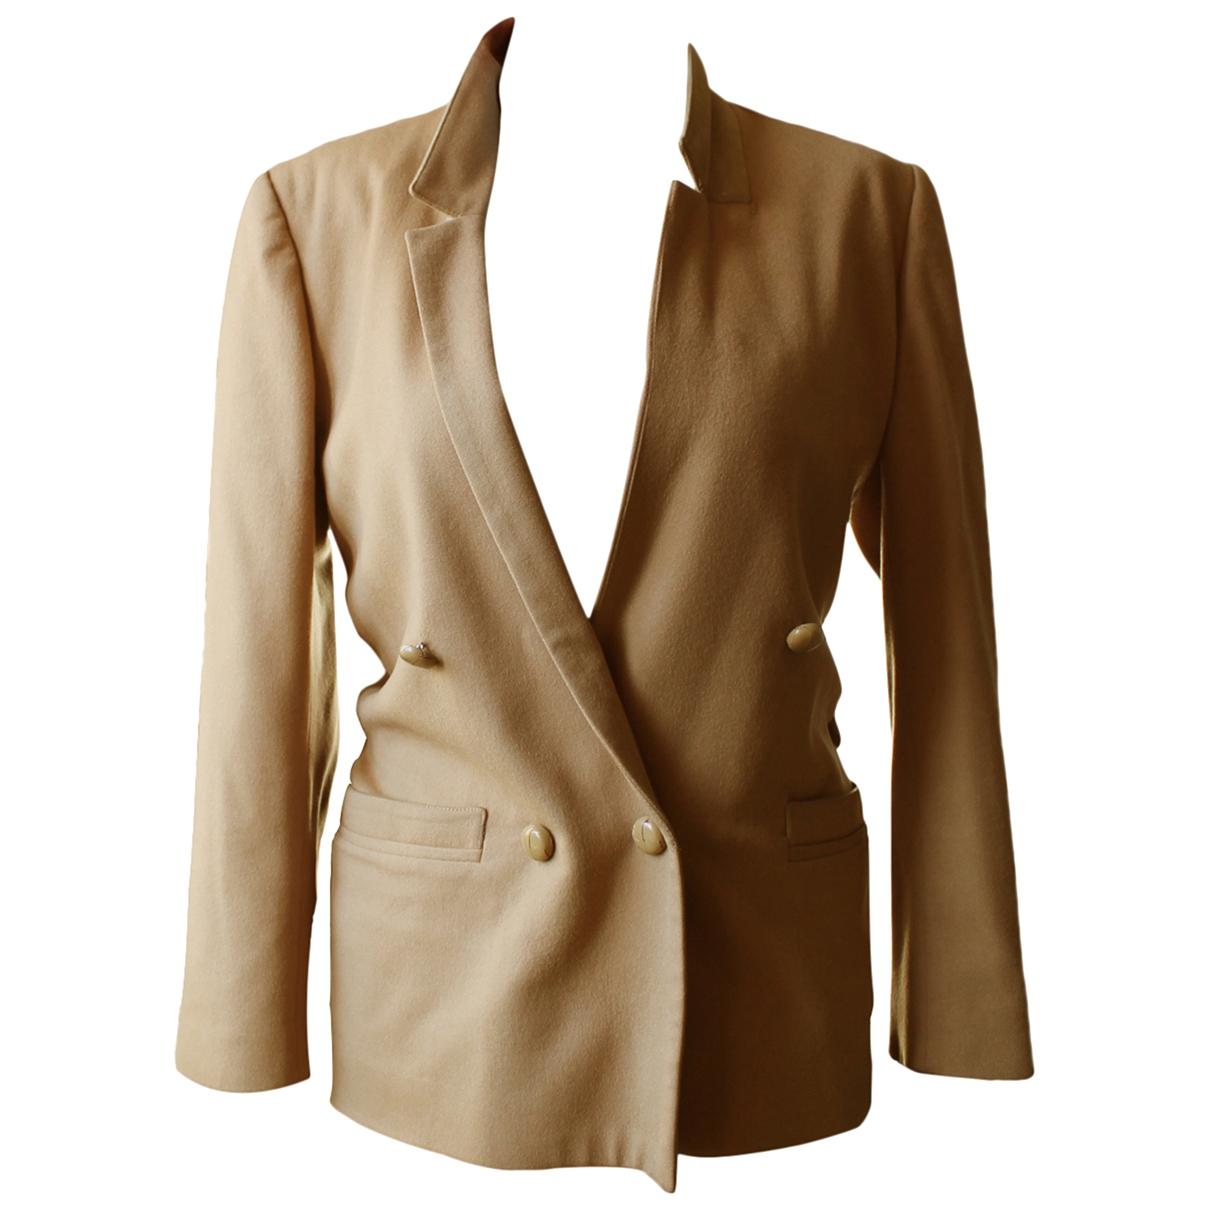 Gianni Versace \N Beige Wool jacket for Women 40 IT